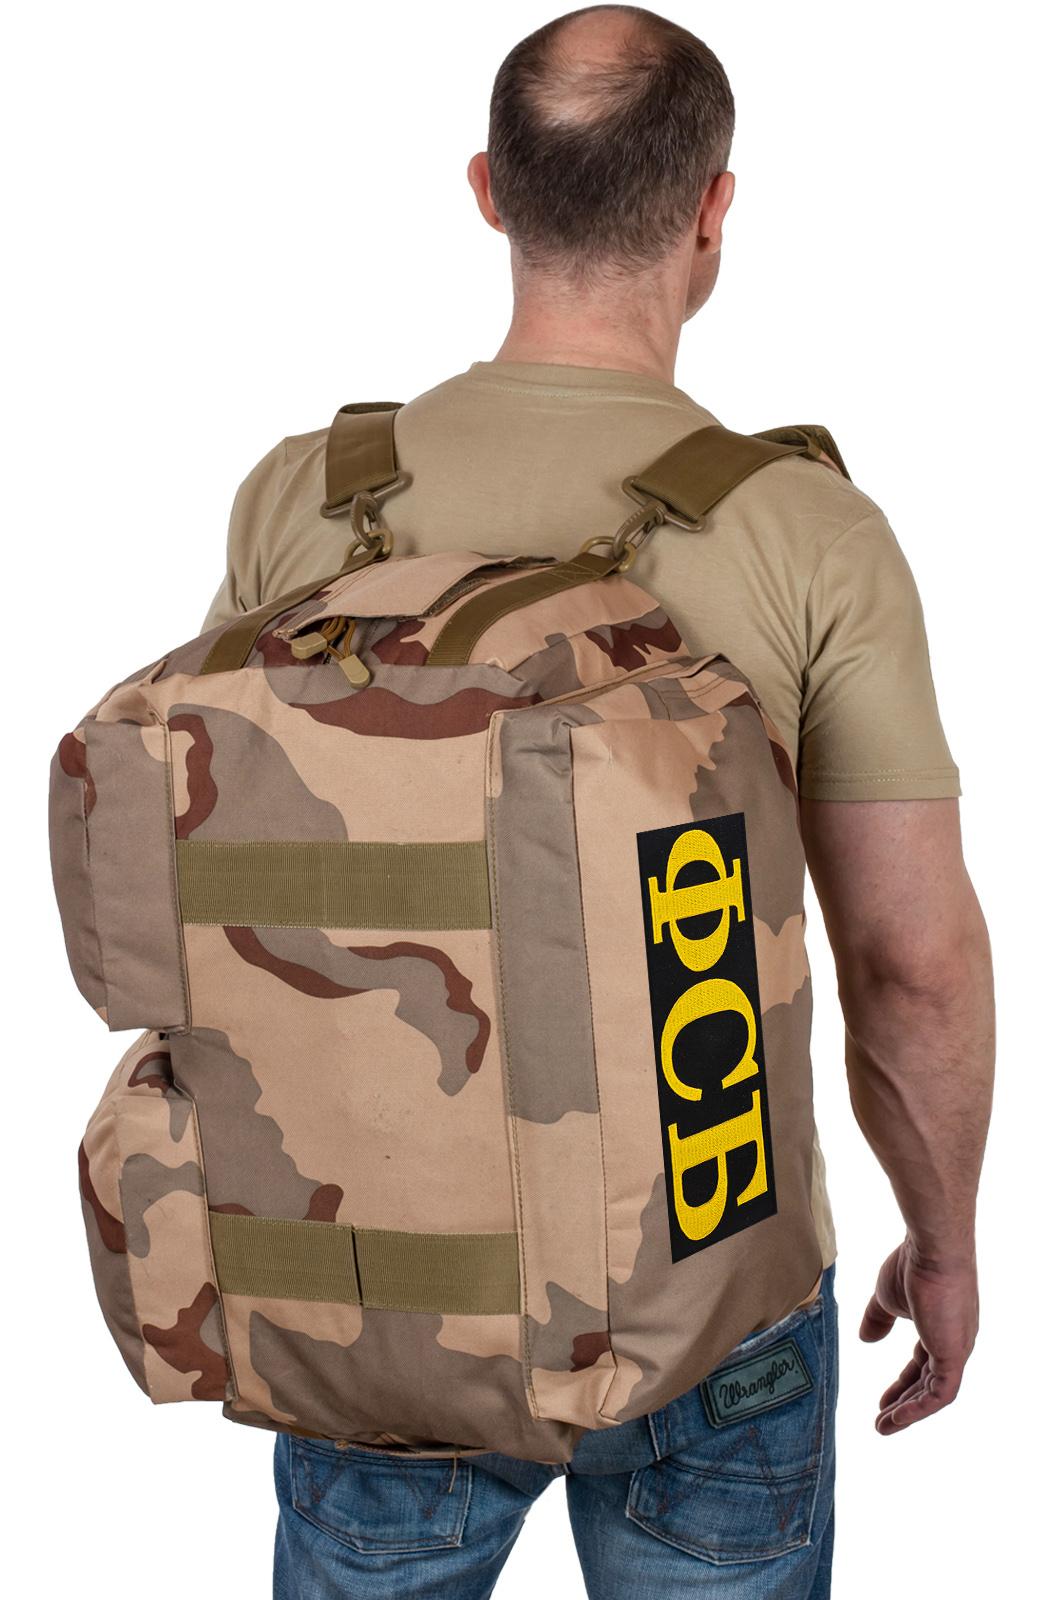 Купить военную дорожную сумку ФСБ по выгодной цене онлайн